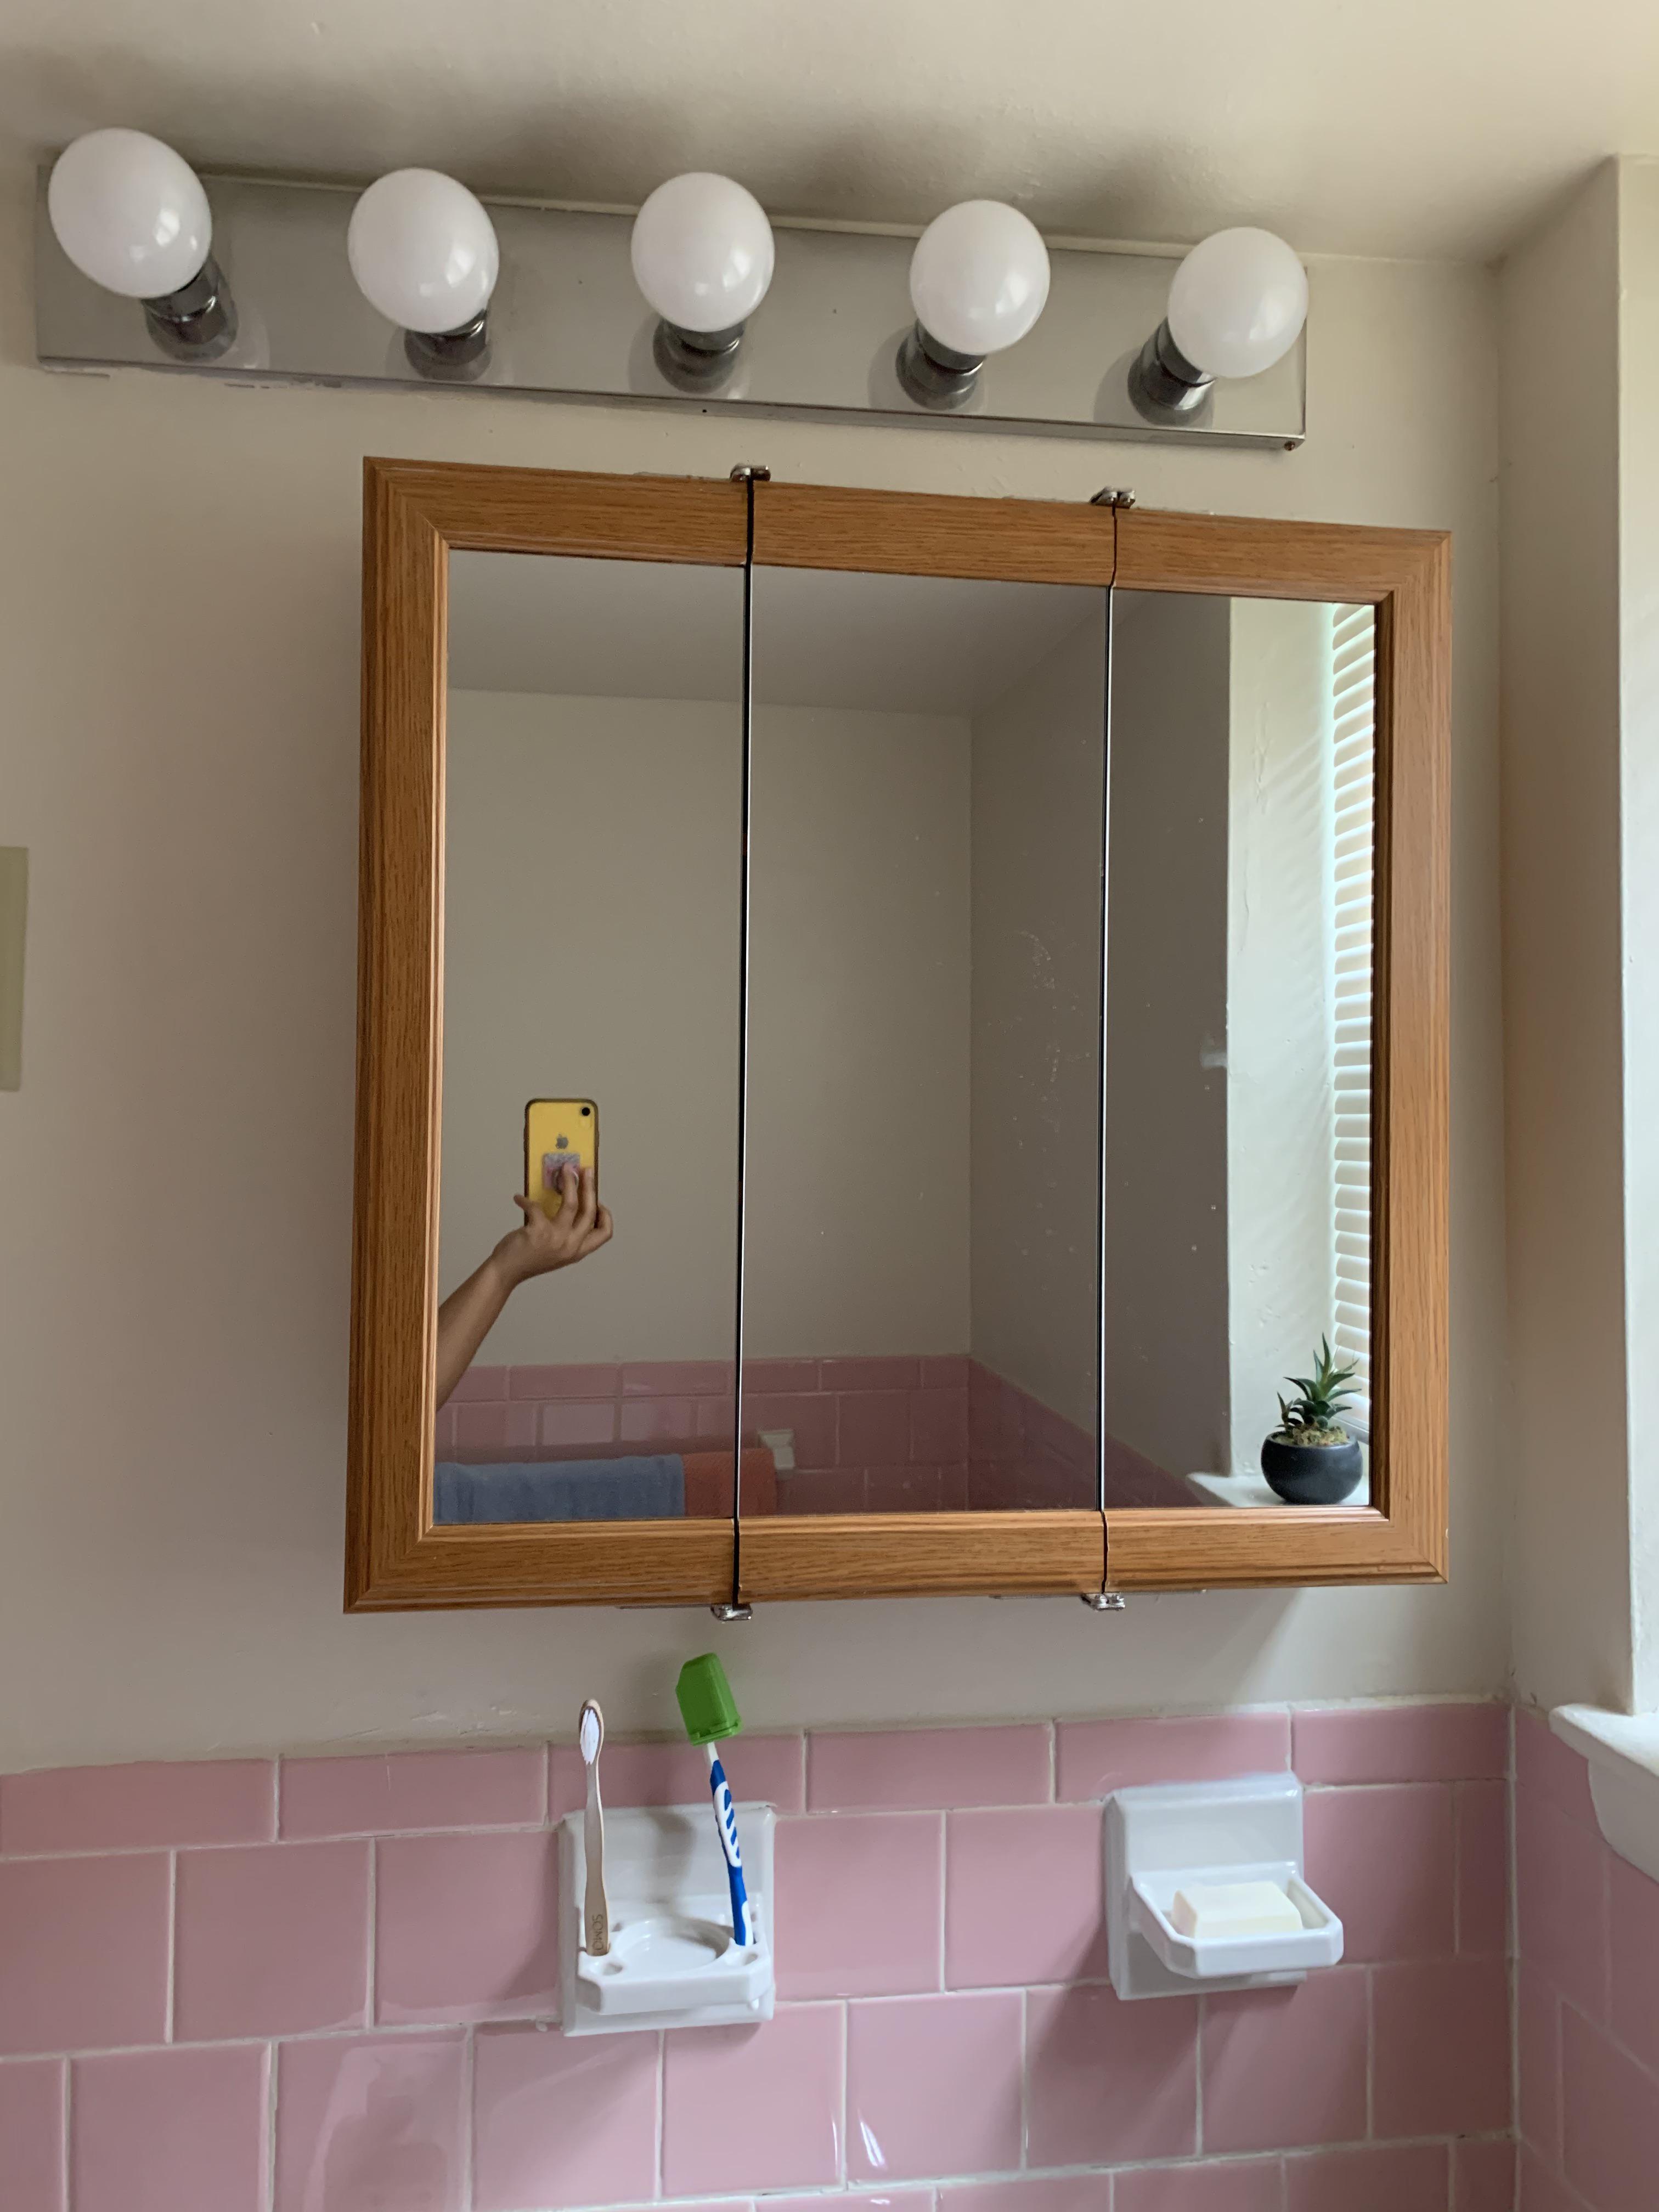 bathroom lights line